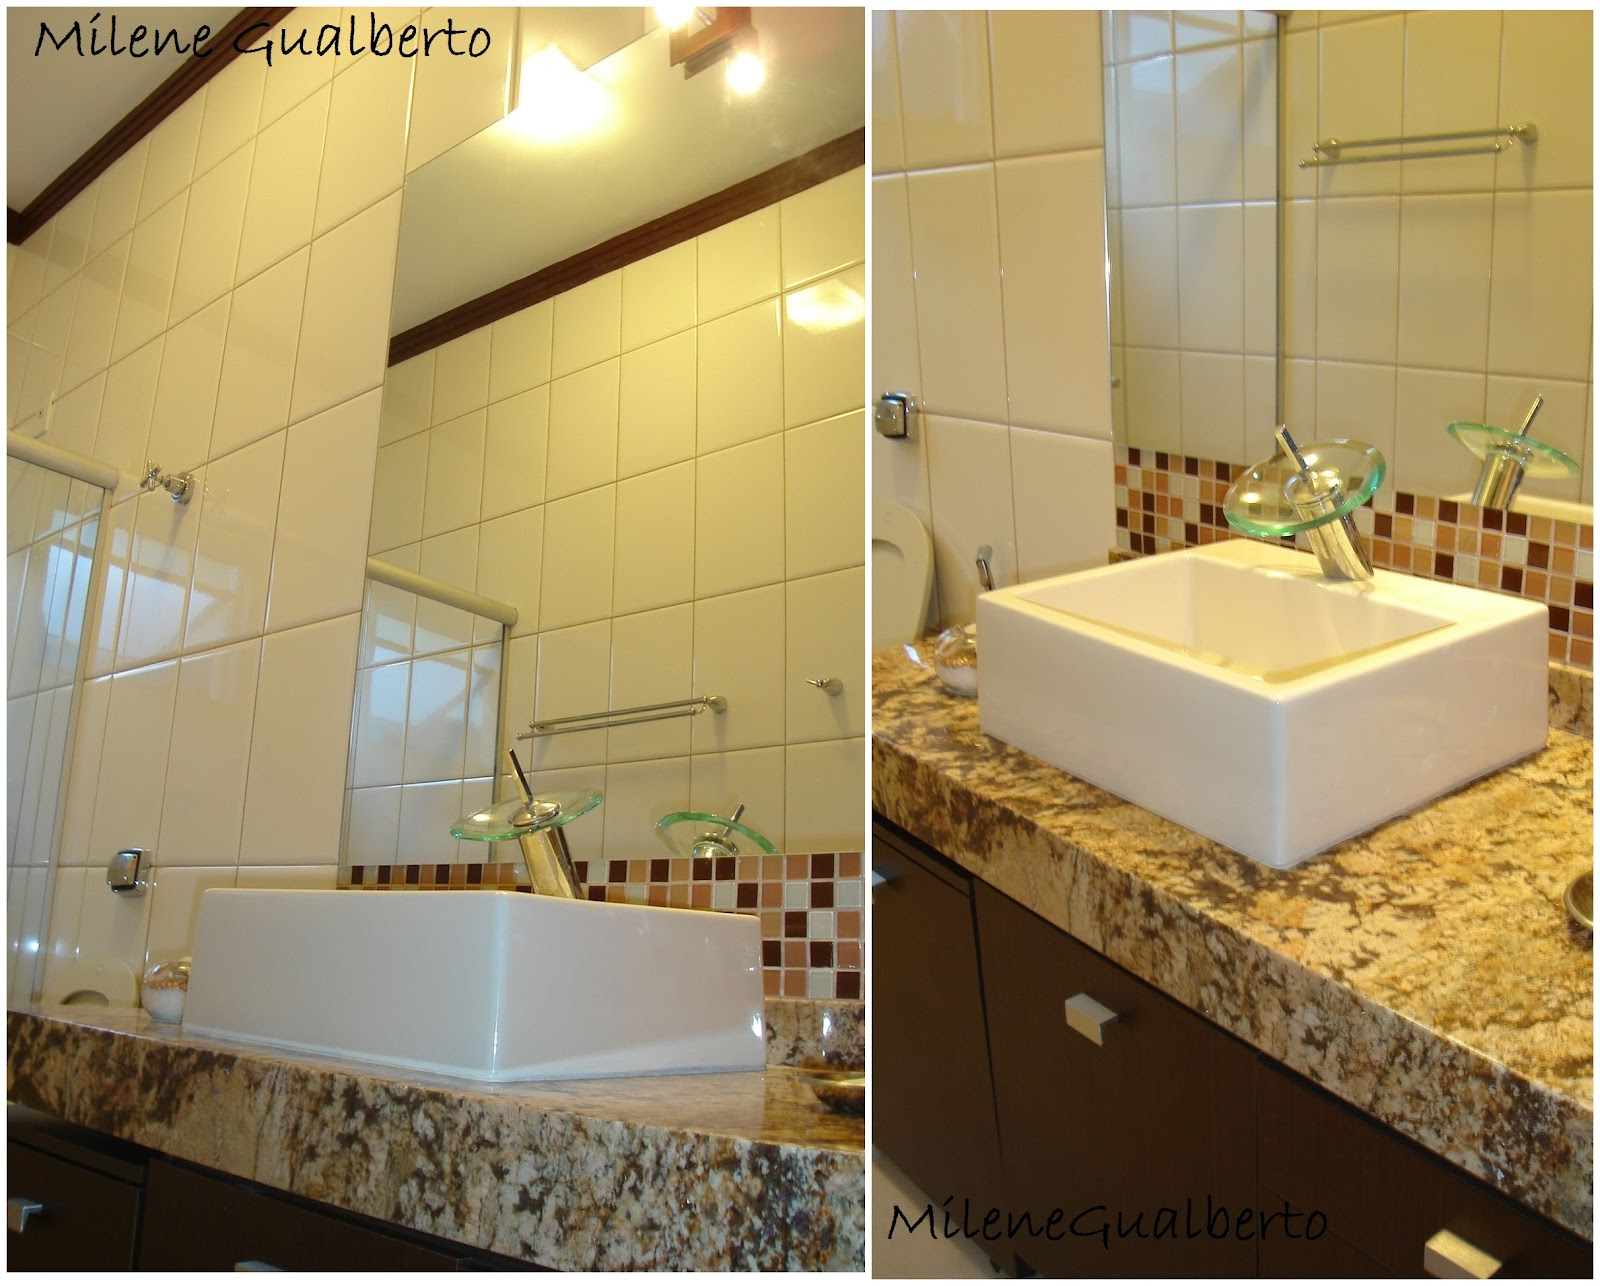 Banheiro Pequeno Simples Fotos e Imagens Dicas e Novidades #AA8021 1600 1286